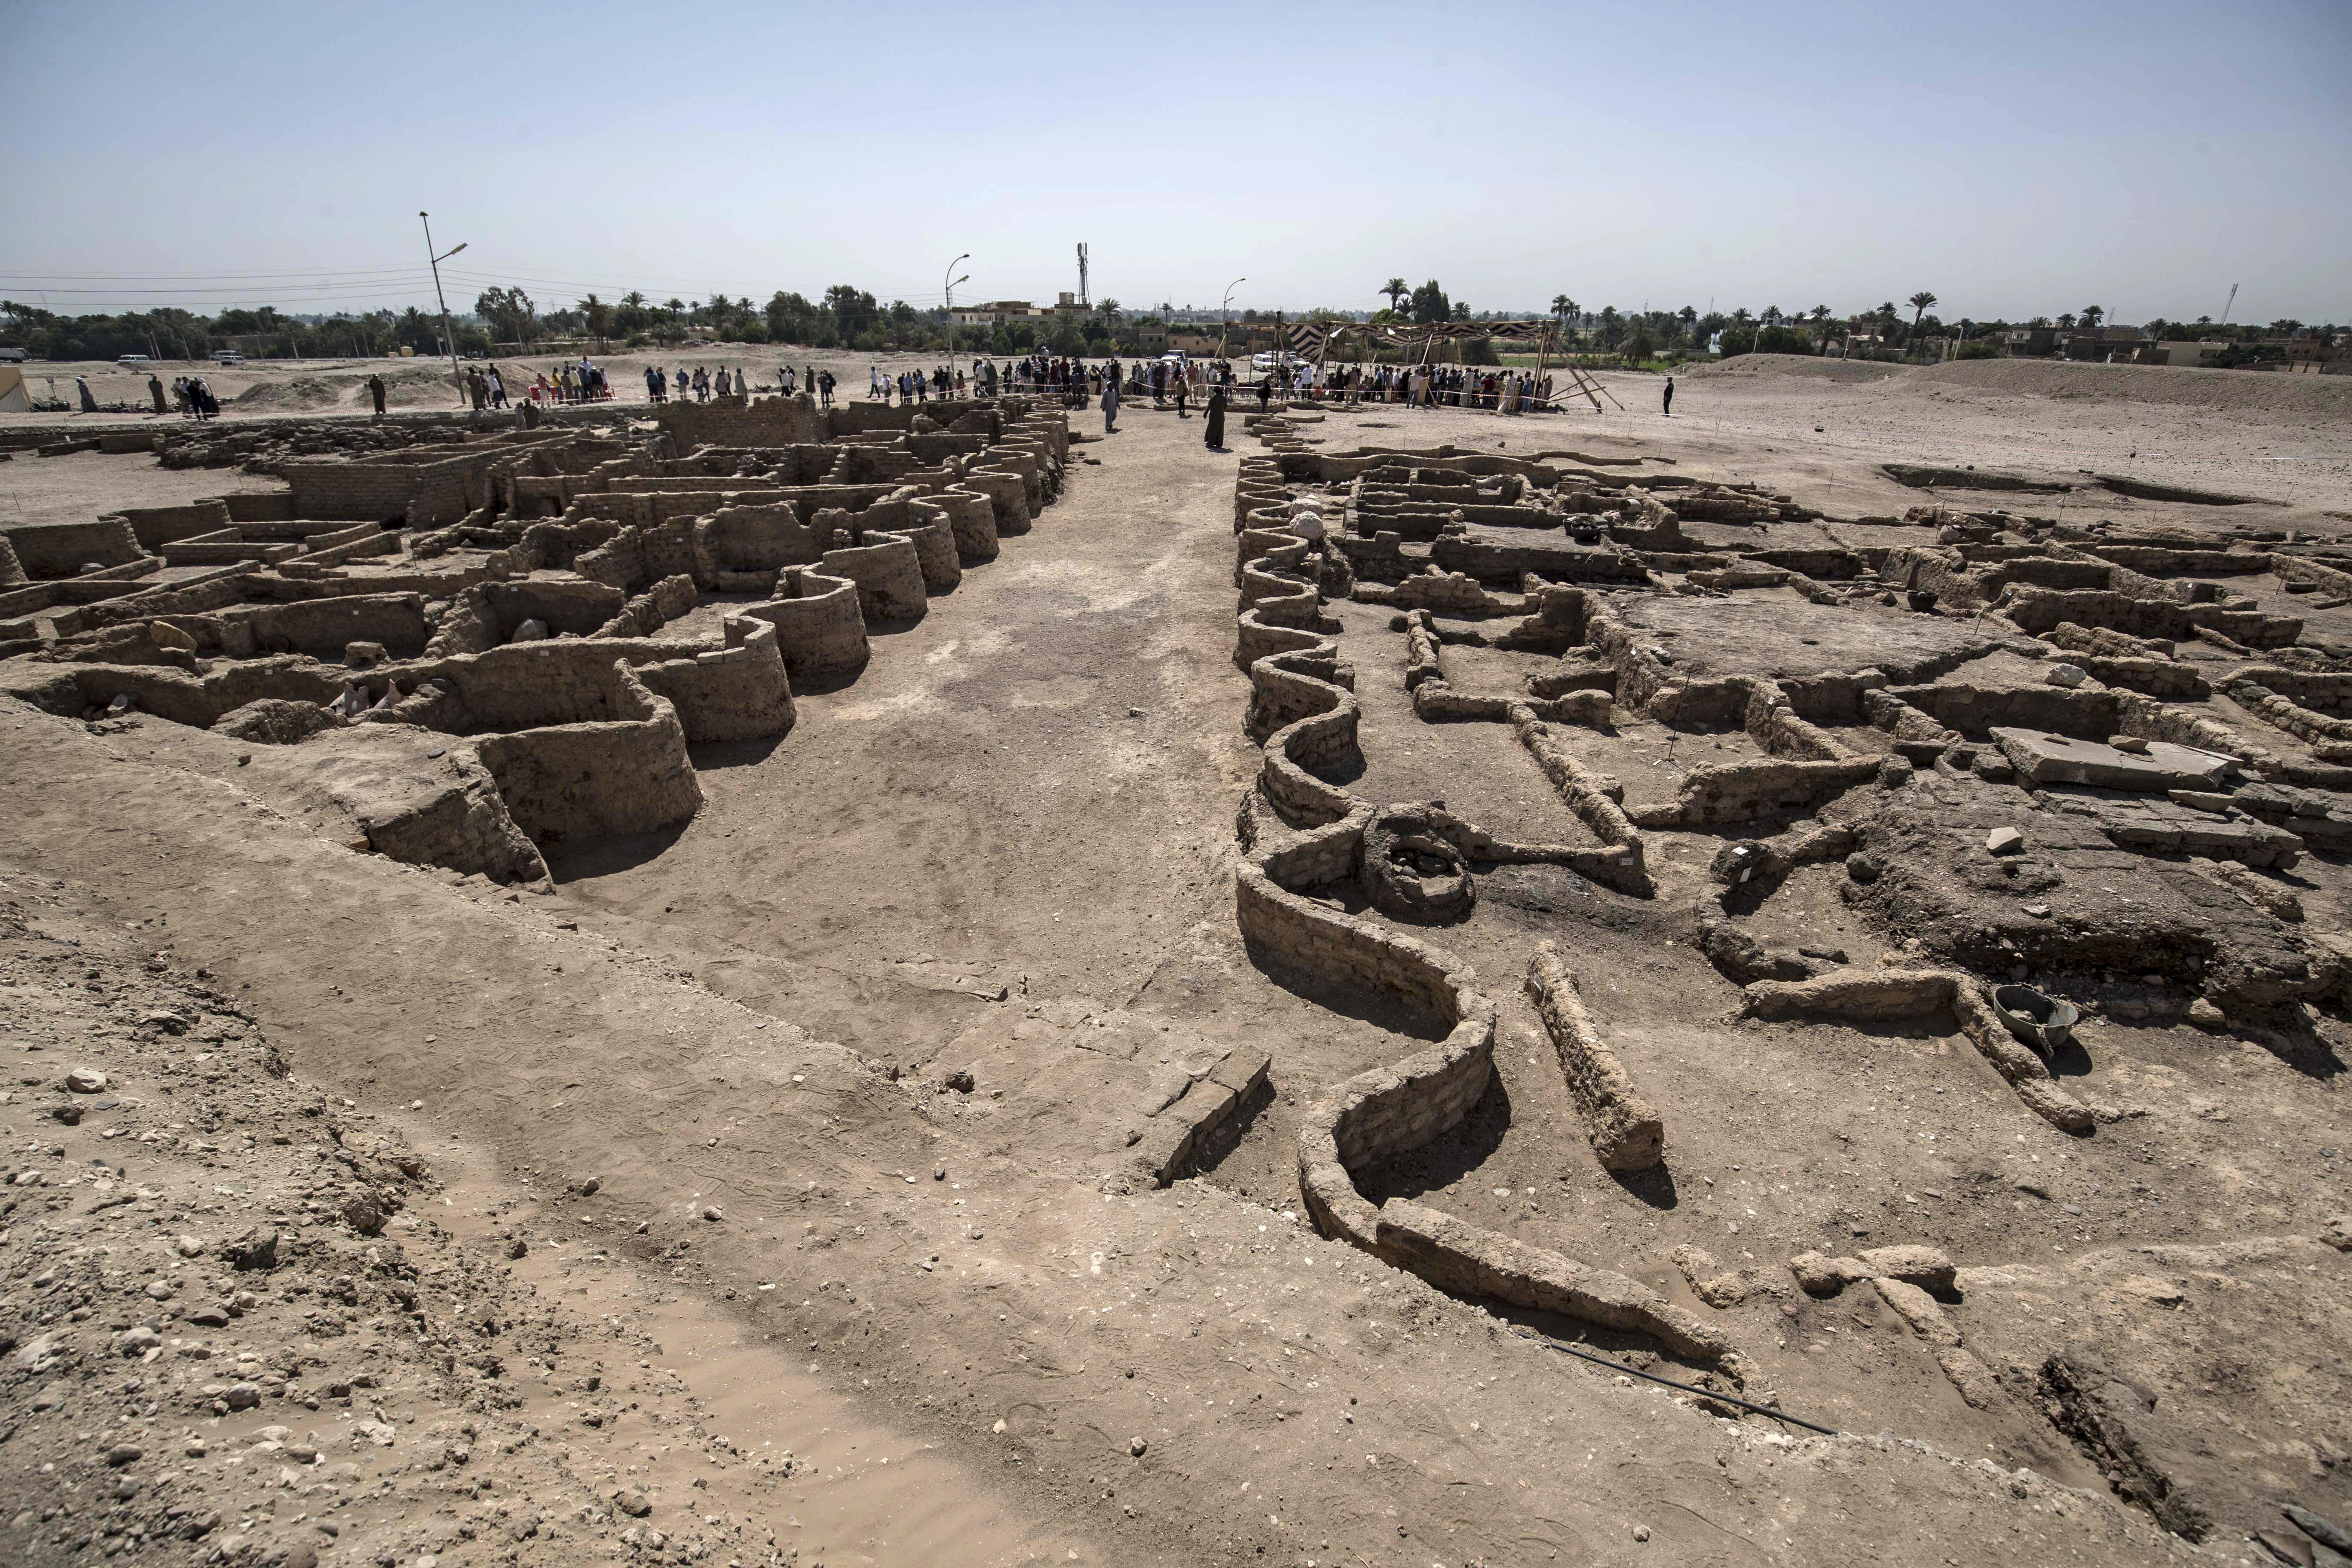 الآمال معلقة على الاكتشافات الجديدة لتساهم بانتعاش السياحة في مصر.